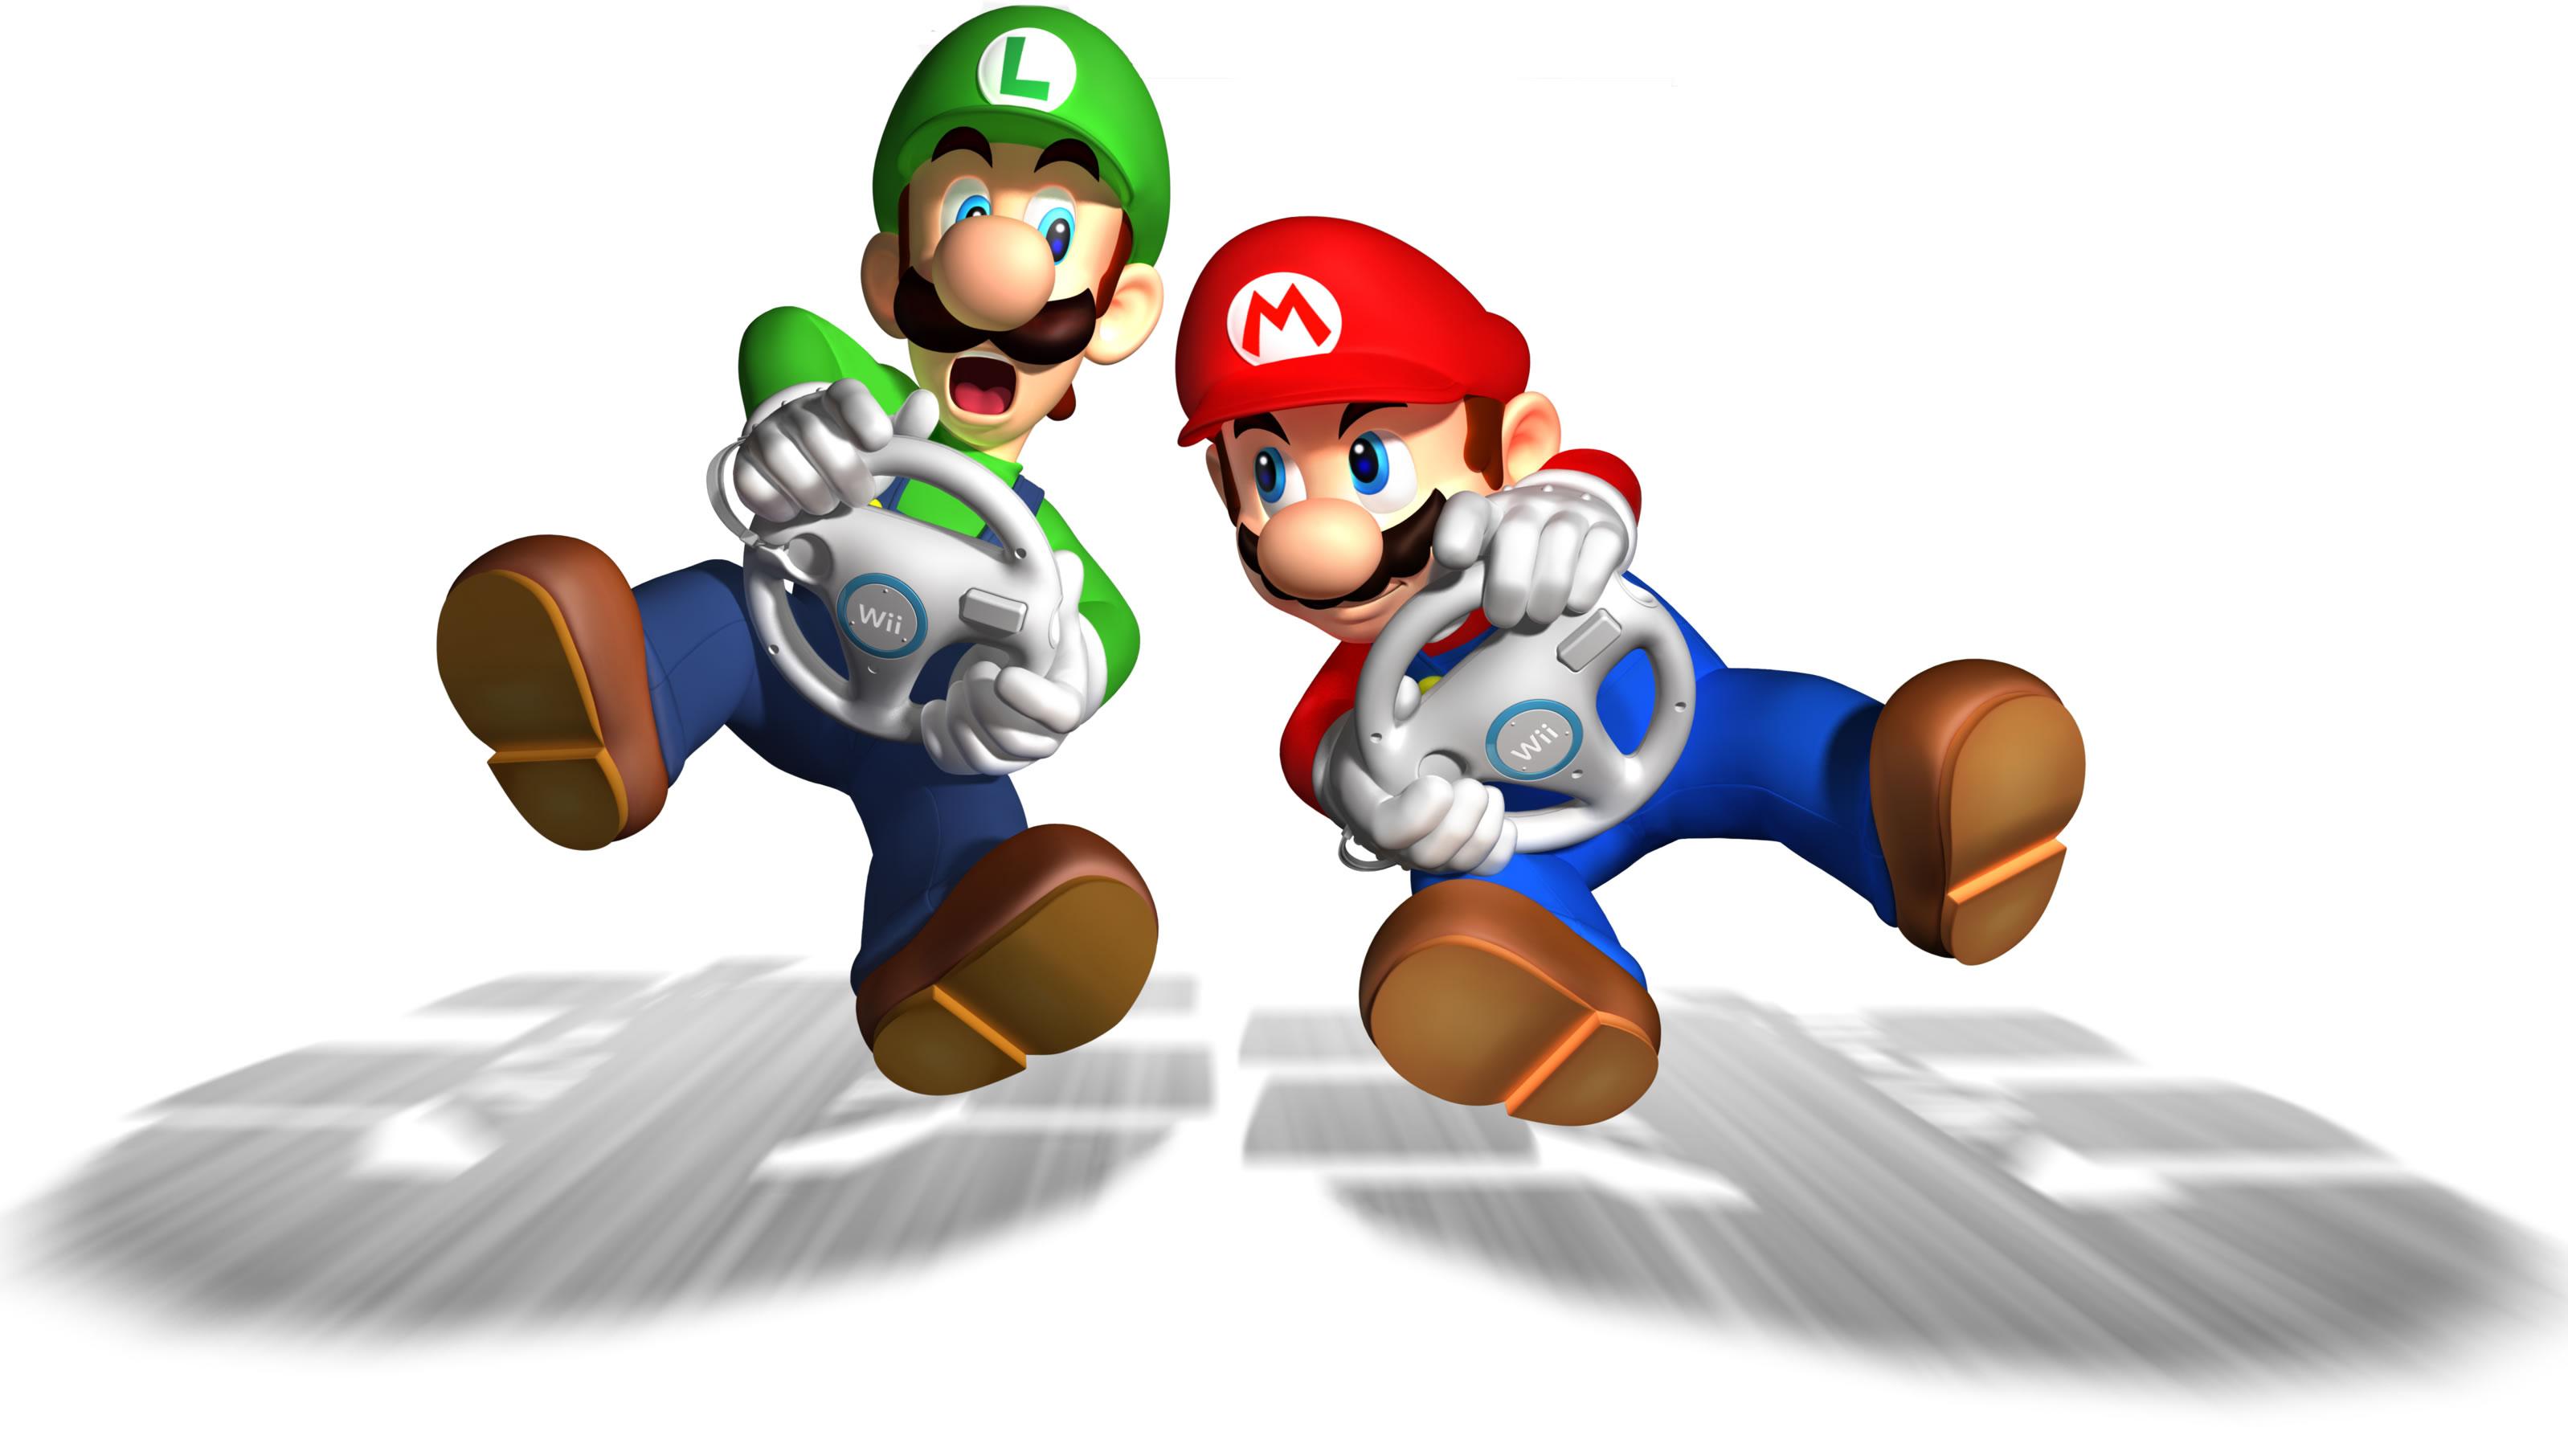 Mario Kart Wii vendeu cinco vezes mais cópias que Mario Kart 8 de Wii U no ano de 2018